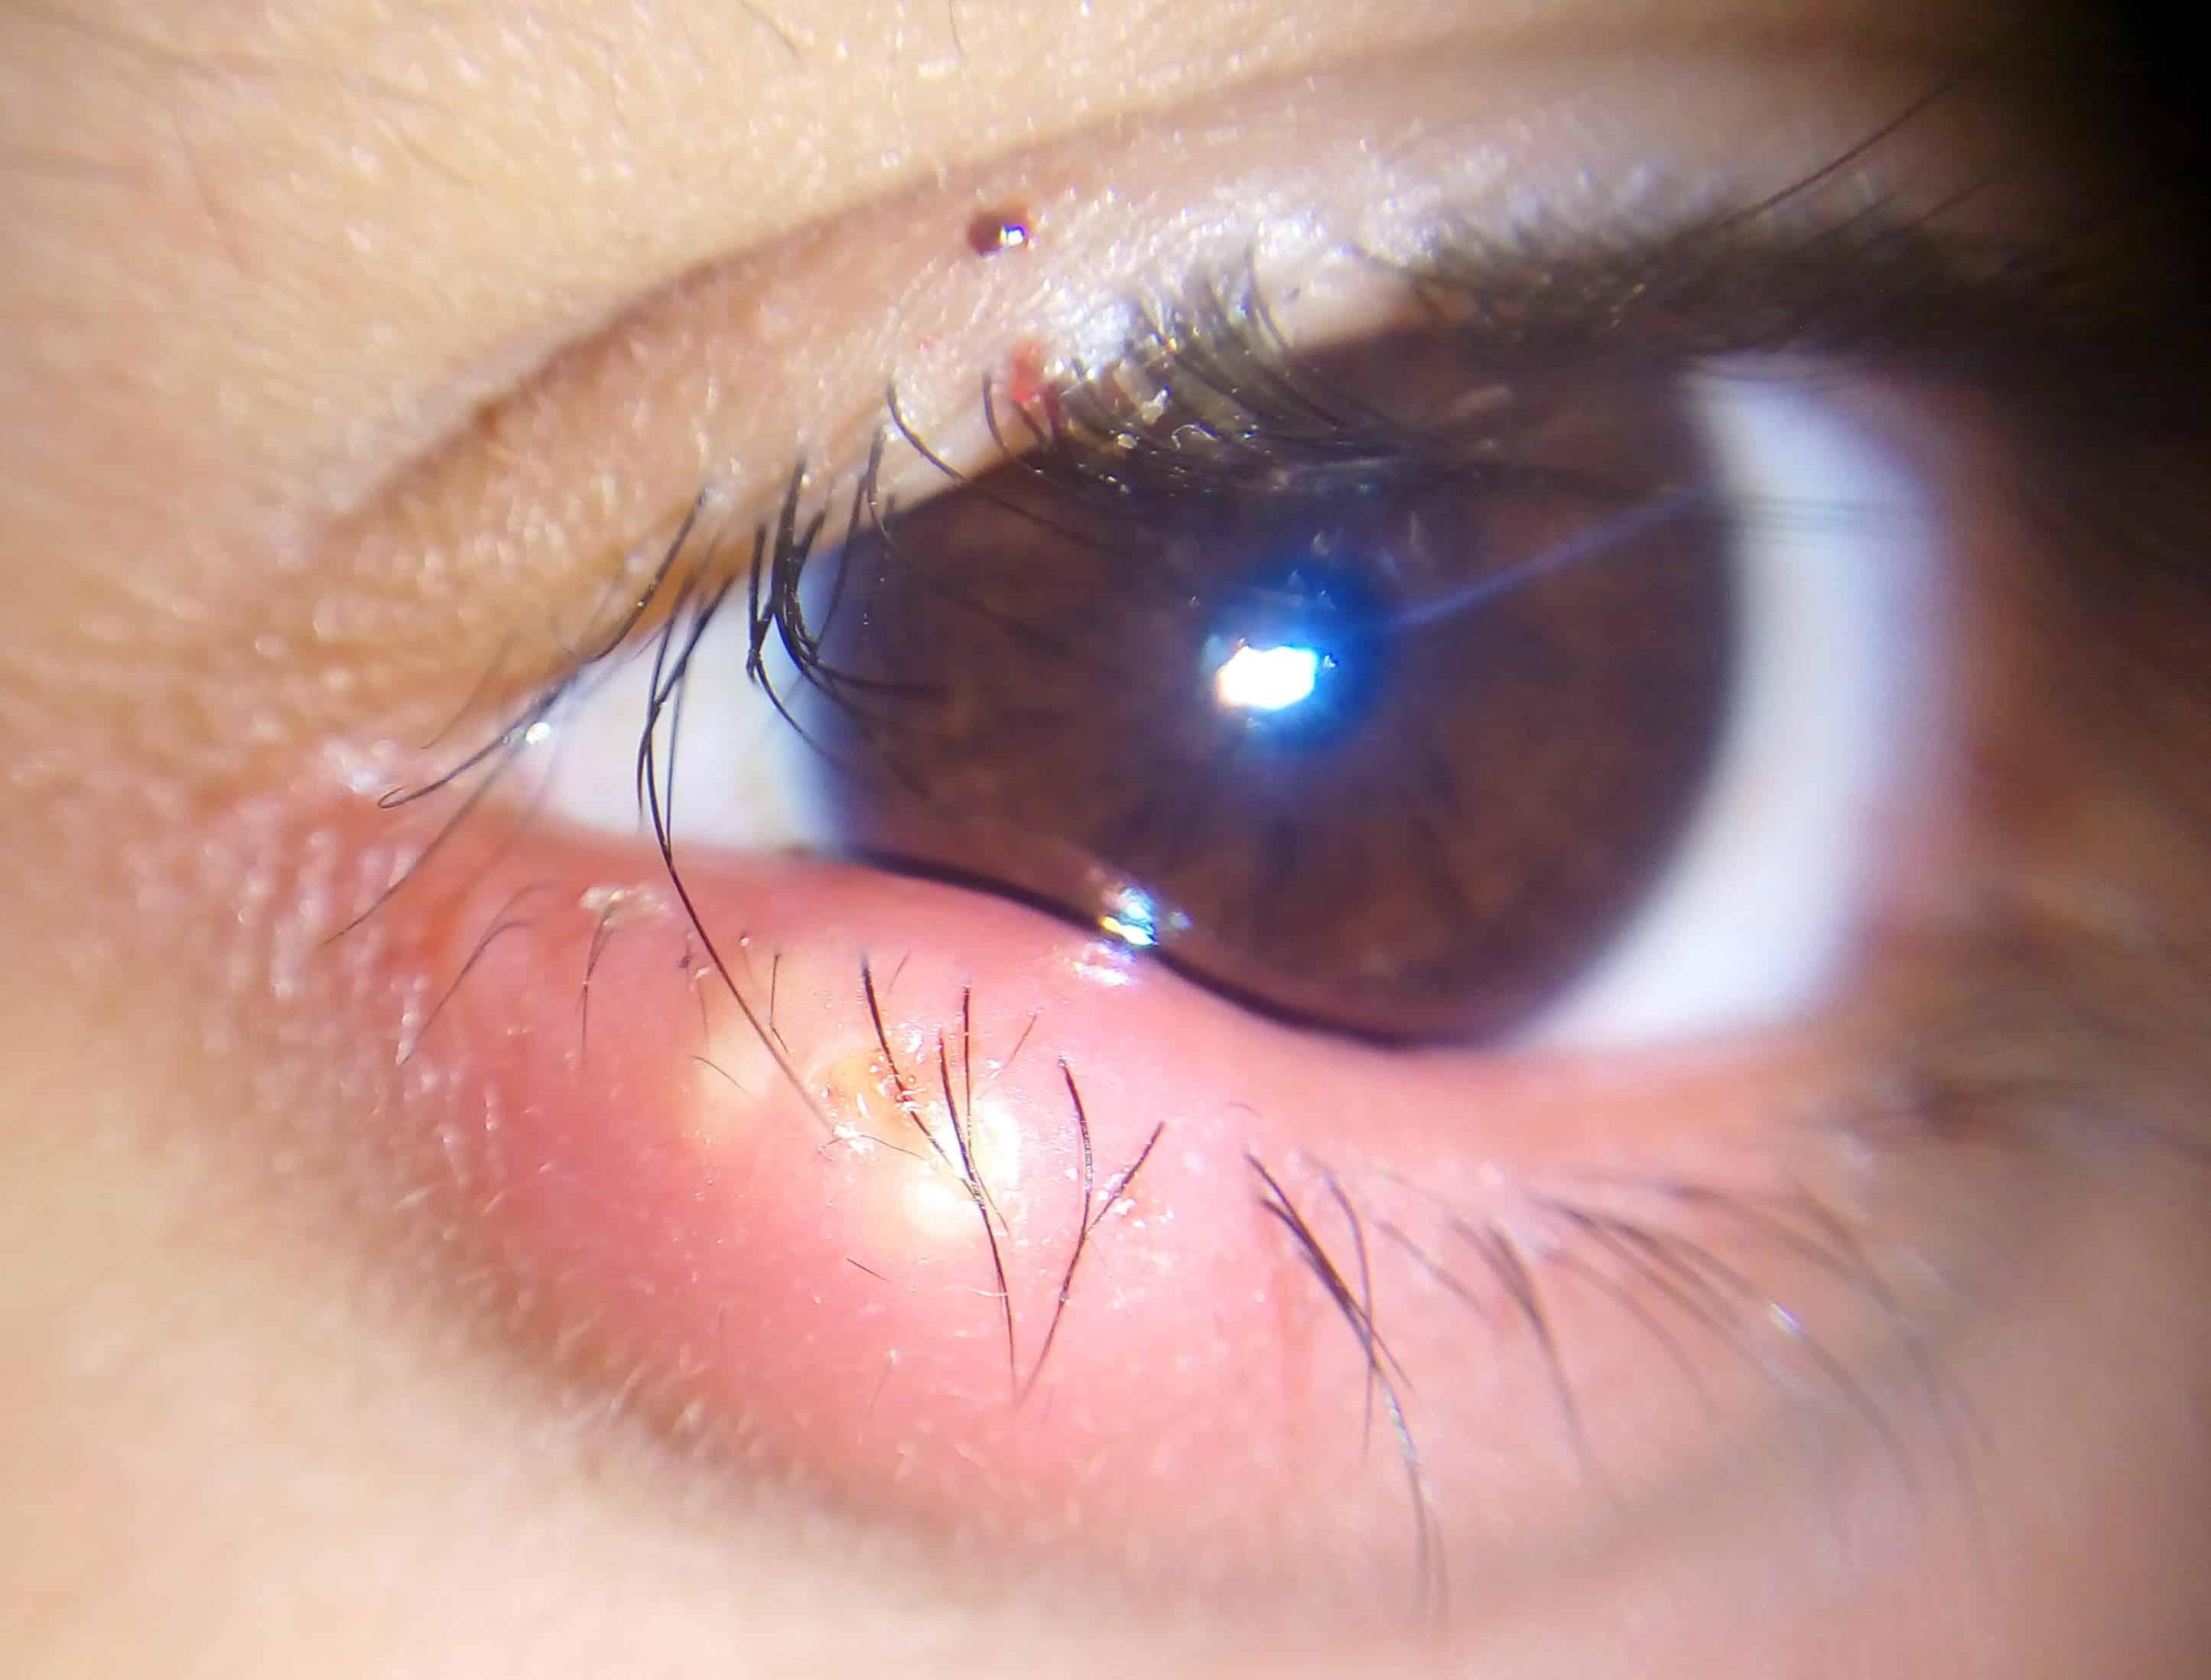 A que se debe el orzuelo en el ojo